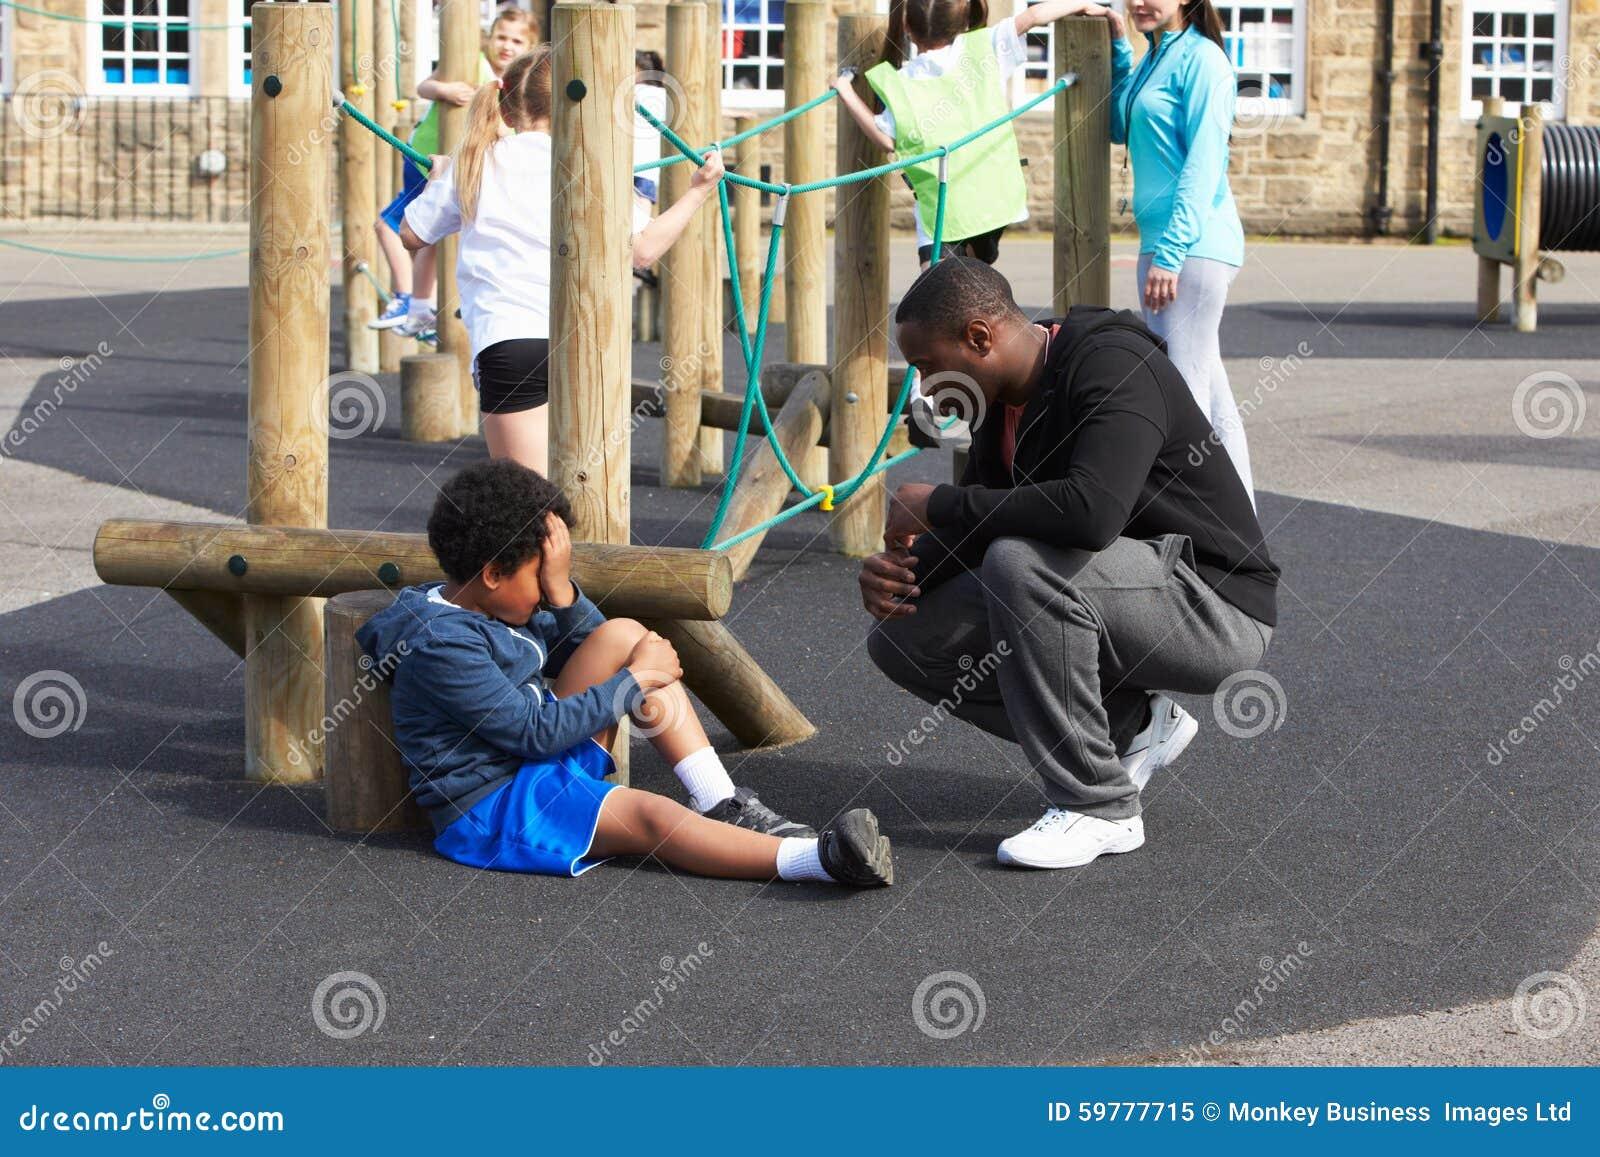 Verwond Kind tijdens de Klasse van de School Lichamelijke opvoeding